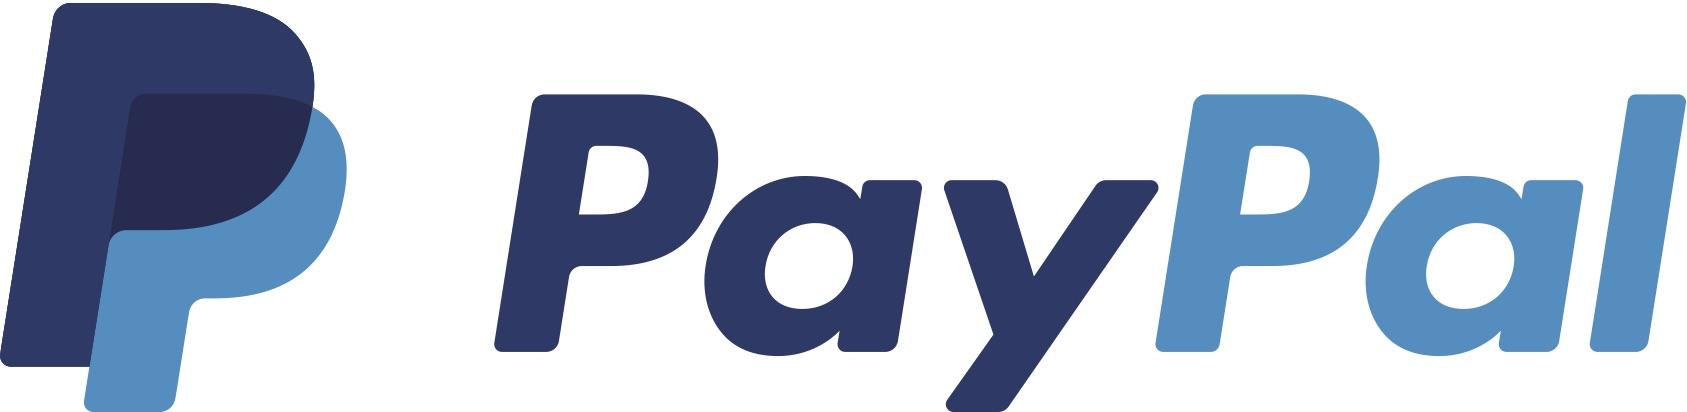 El logotipo de PayPal siempre ha sido tipográfico, aún así, recientemente creó un monograma que los identifica en diversas plataformas.